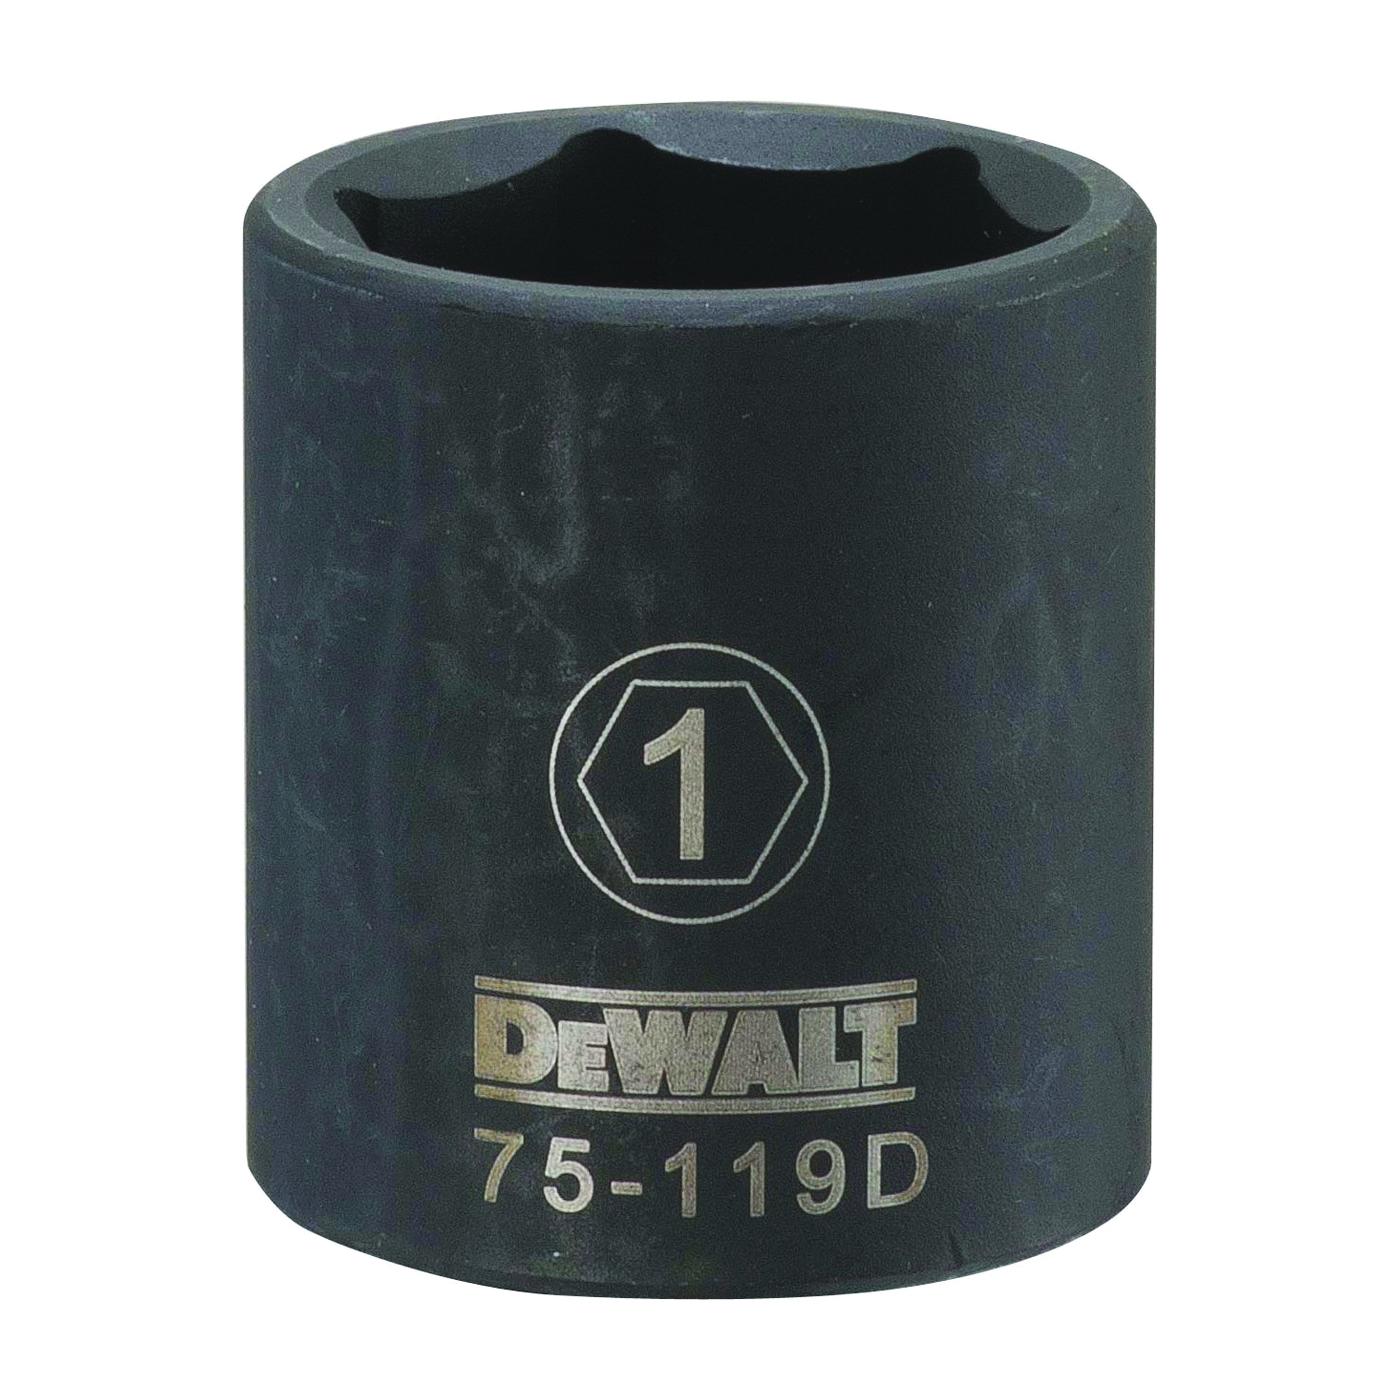 Picture of DeWALT DWMT75119OSP Deep Impact Socket, 1 in Socket, 1/2 in Drive, 6 -Point, Steel, Black Oxide